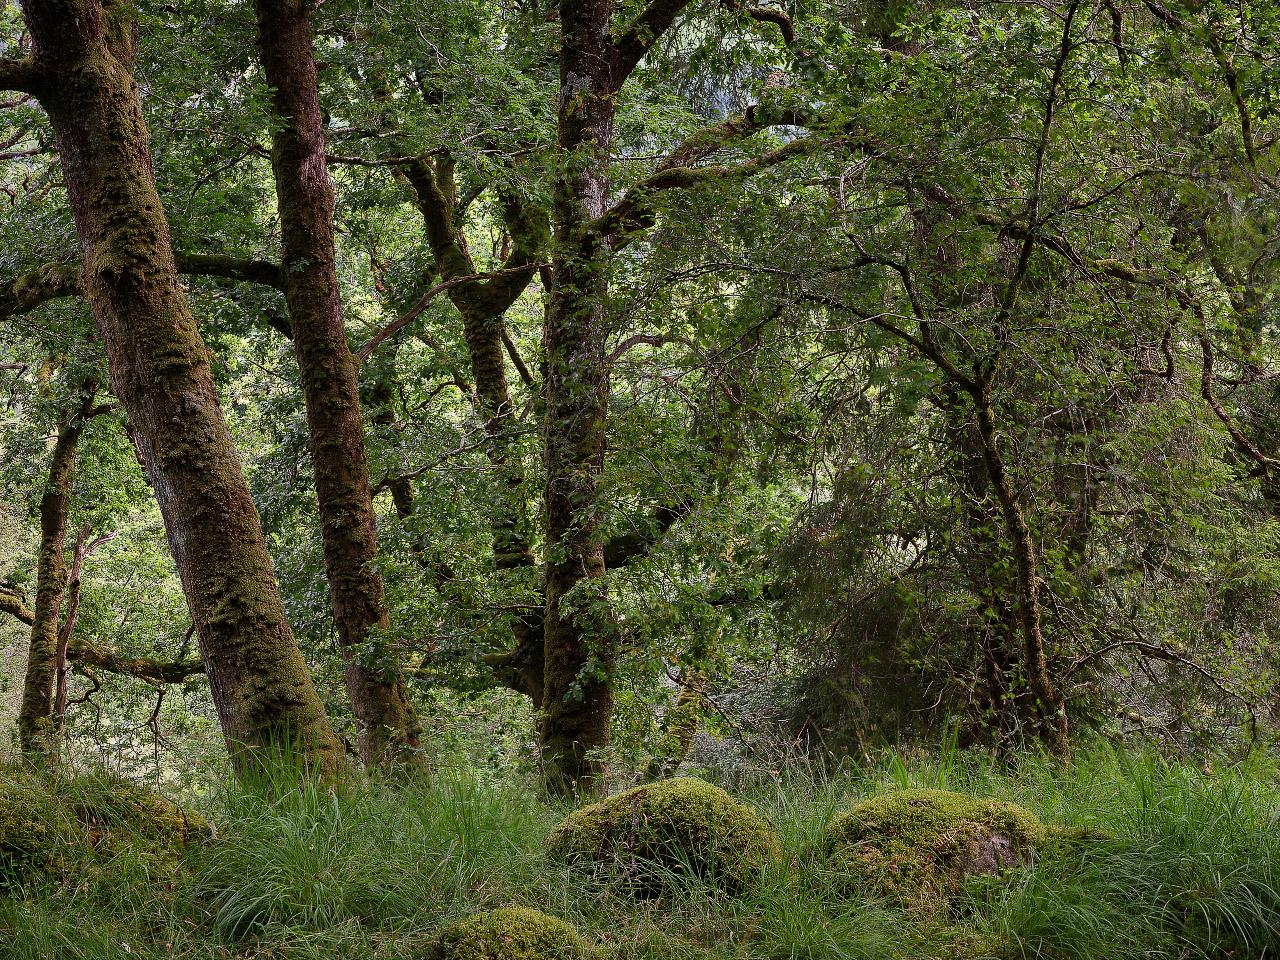 Oak In Shade